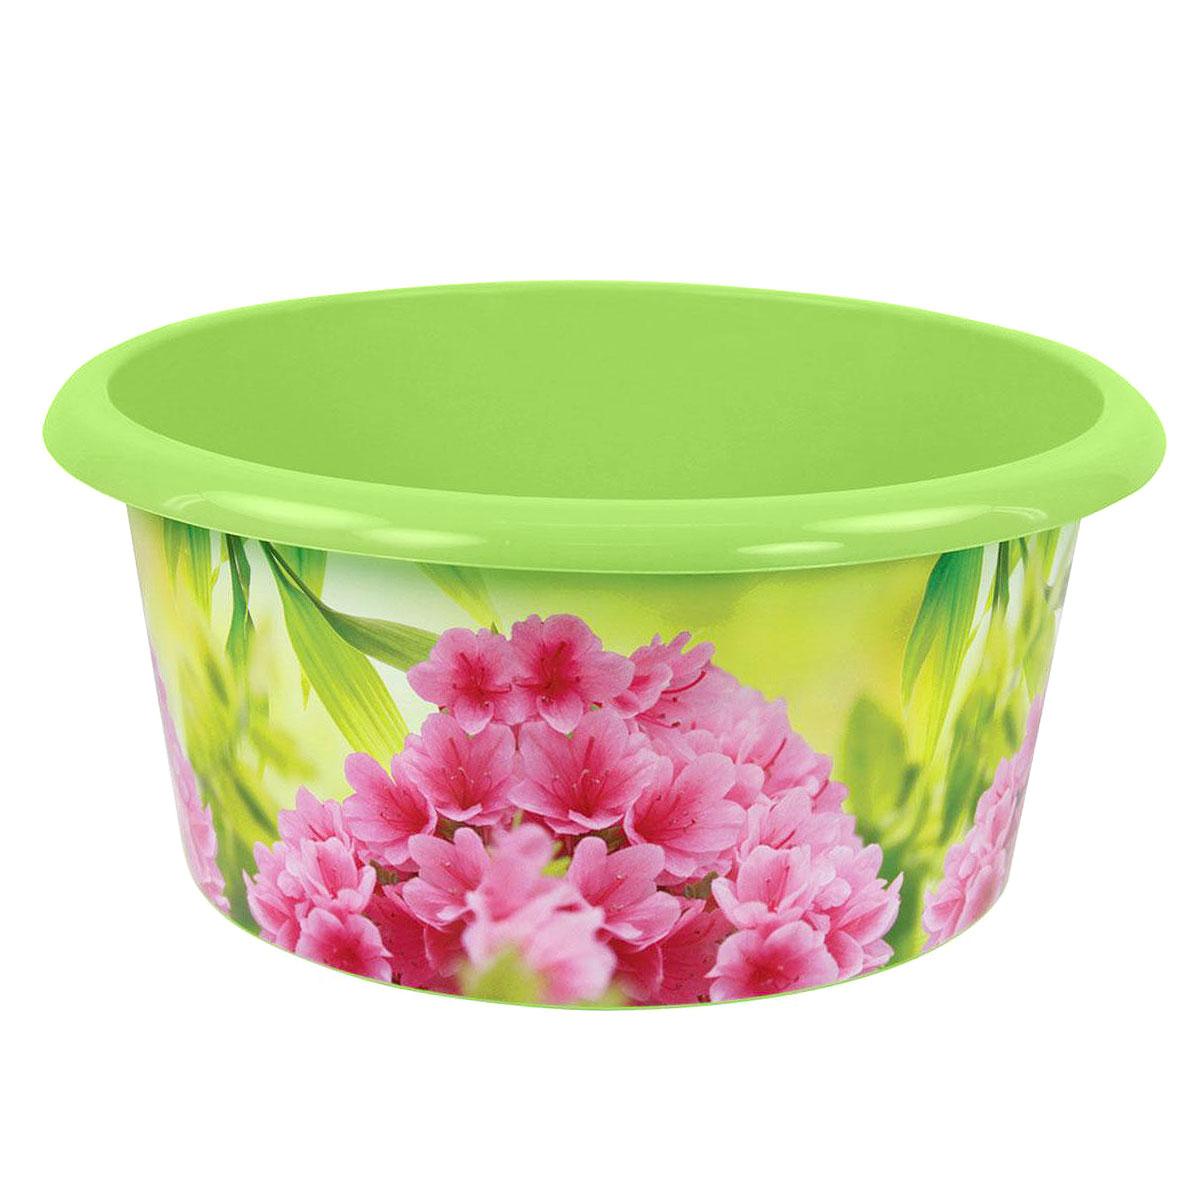 Таз Азалия, цвет: салатовый, 10 лМ1755Таз Азалия изготовлен из высококачественного пластика. Он выполнен в классическом круглом варианте. По бокам имеются удобные углубления, которые обеспечивают удобный захват. Таз предназначен для стирки и хранения разных вещей. Он пригодится в любом хозяйстве.